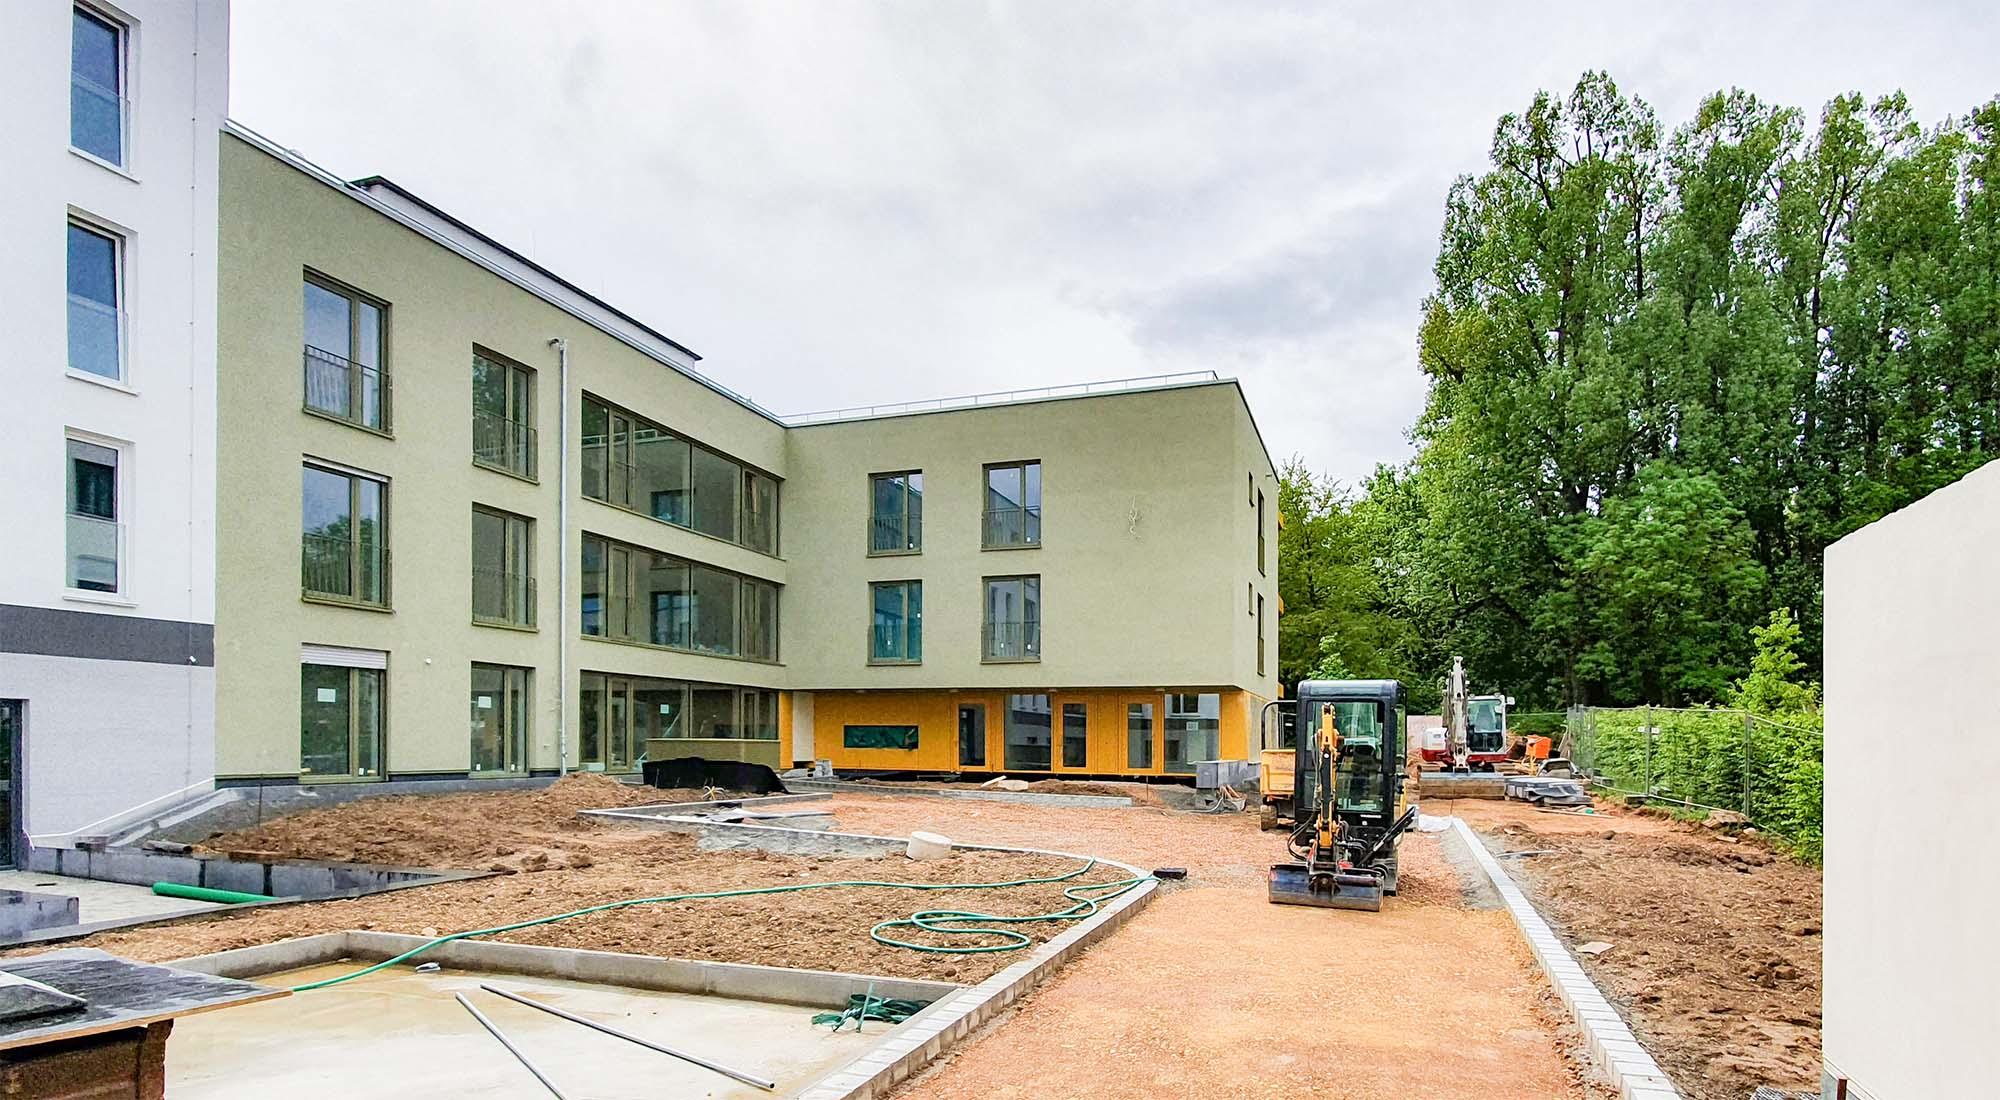 Bauverein Regensburg